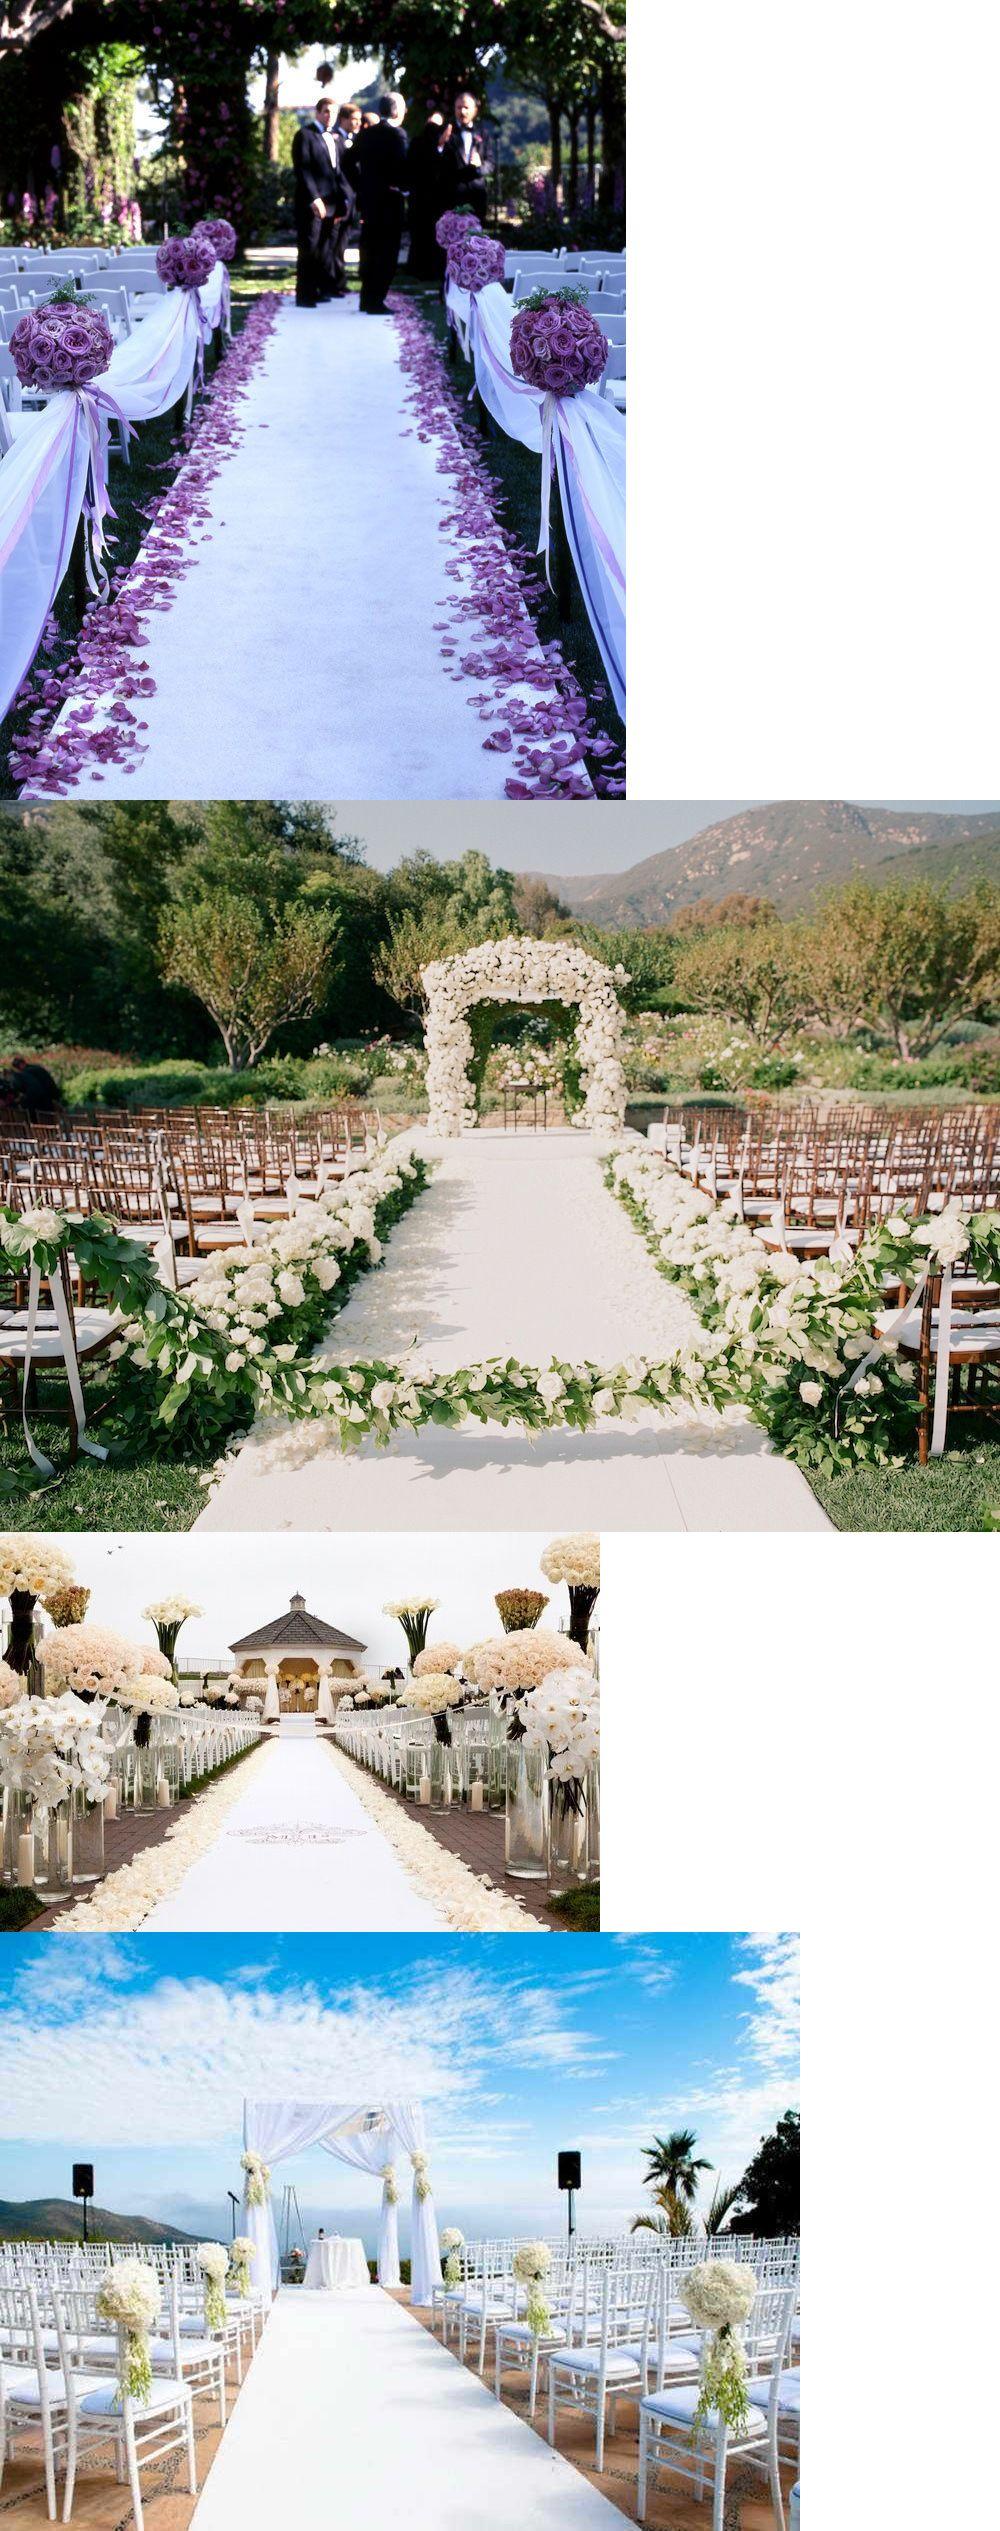 Aisle runners 102423 outdoor wedding aisle runner white